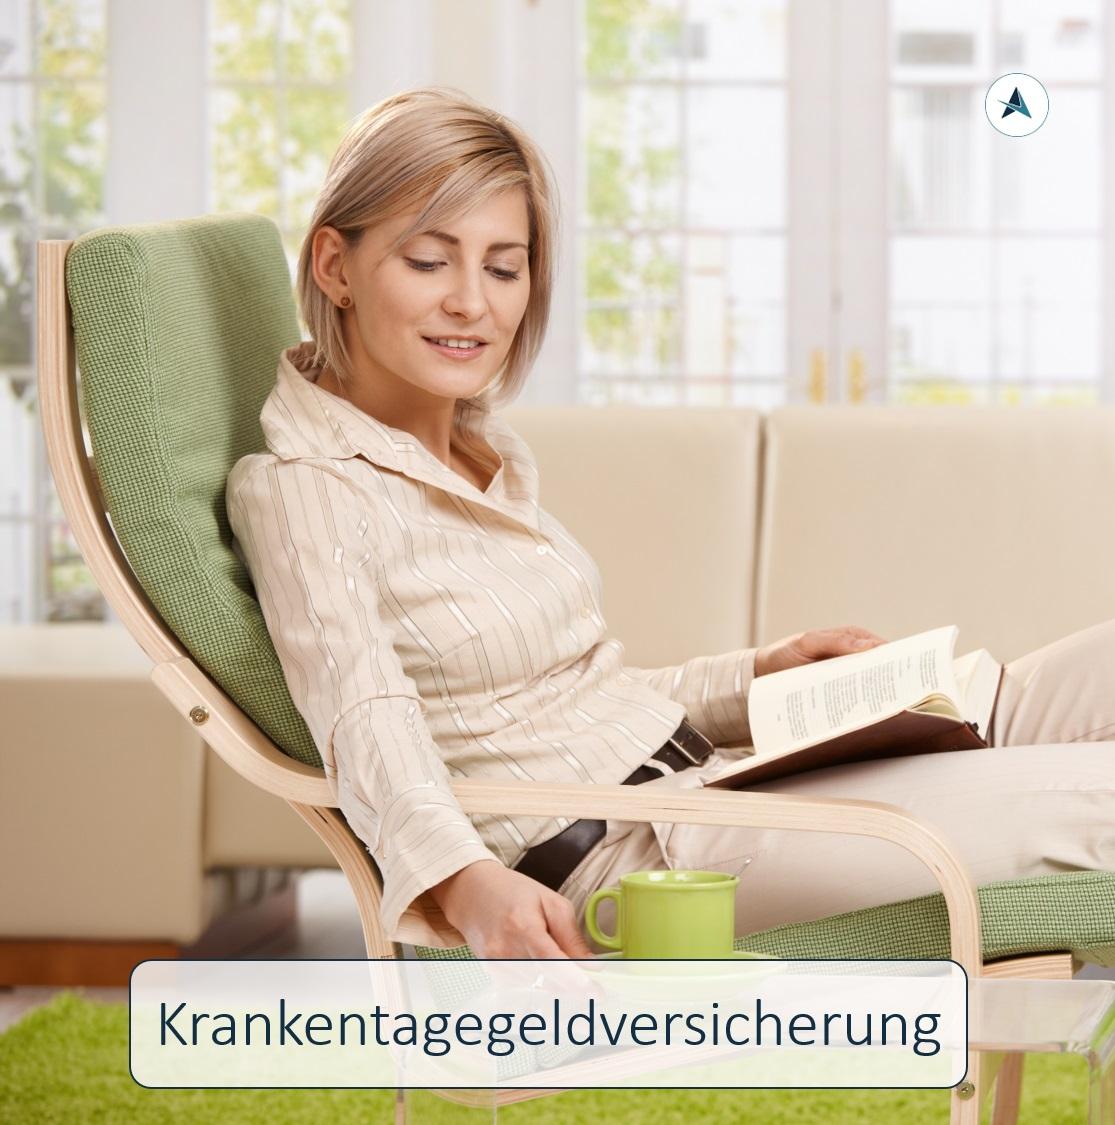 Kaulsdorf-Versicherungsmakler-Berlin-Tagegeldversicherung-Krankentagegeldversicherung-André-Böttcher-Krankentagegeld-Verdienstausfall